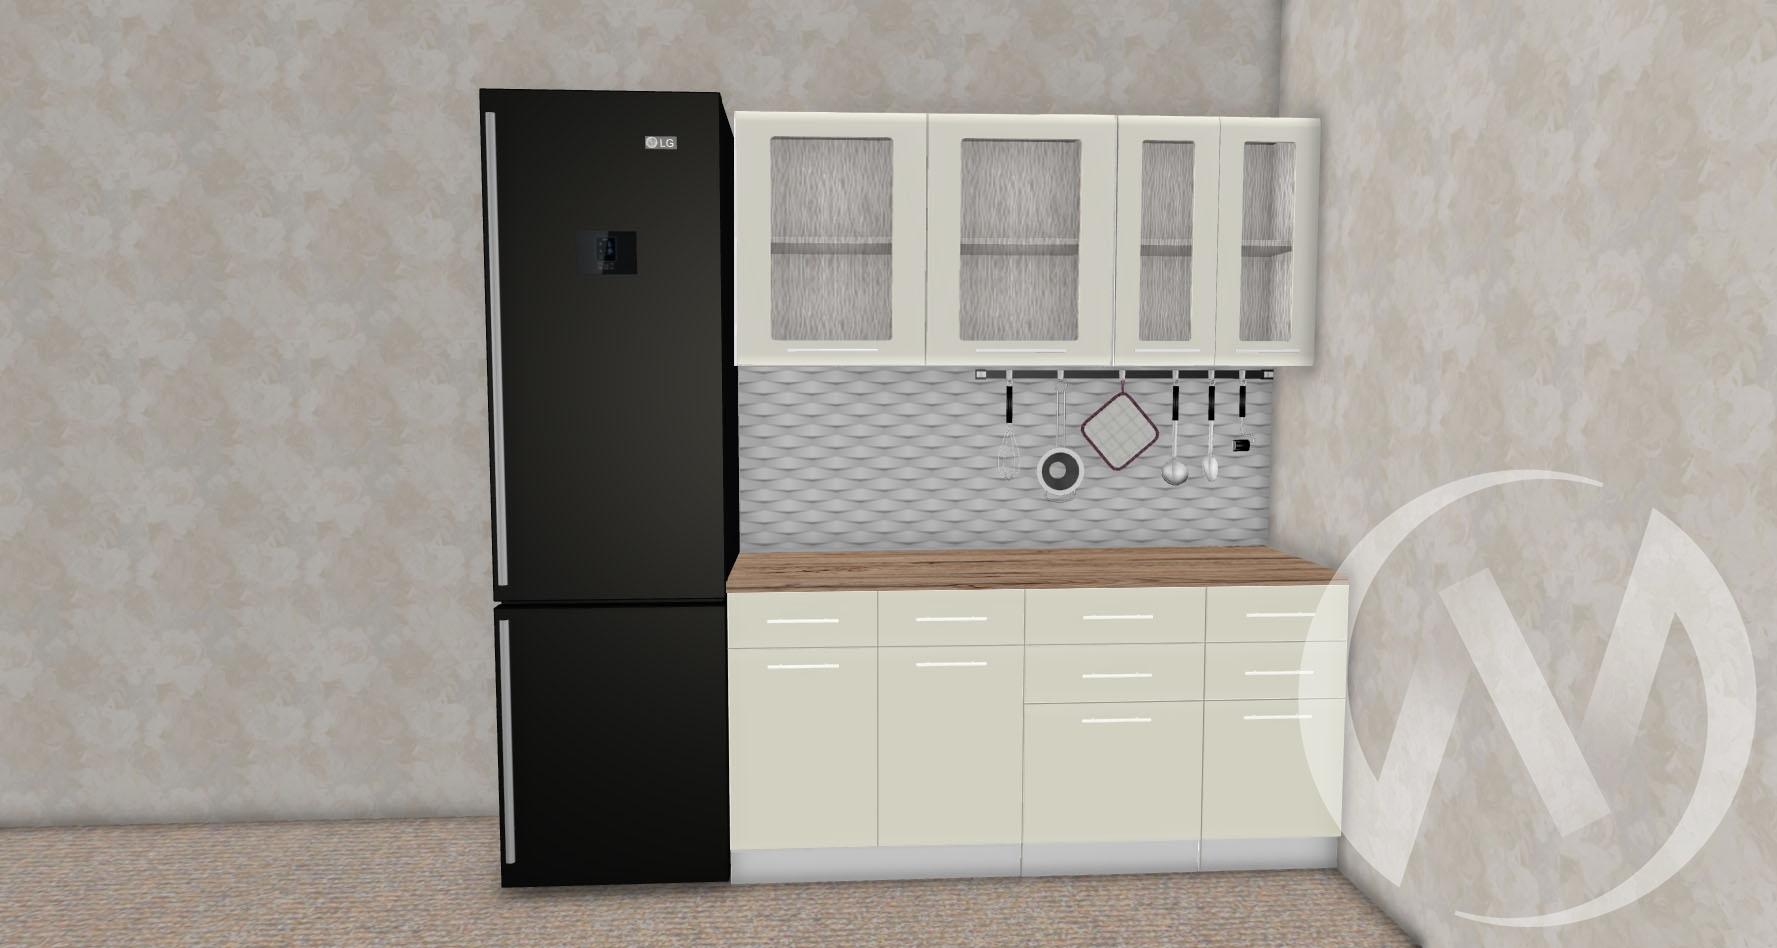 Кухня Магнолия матовая 1,7 №6  в Новосибирске - интернет магазин Мебельный Проспект